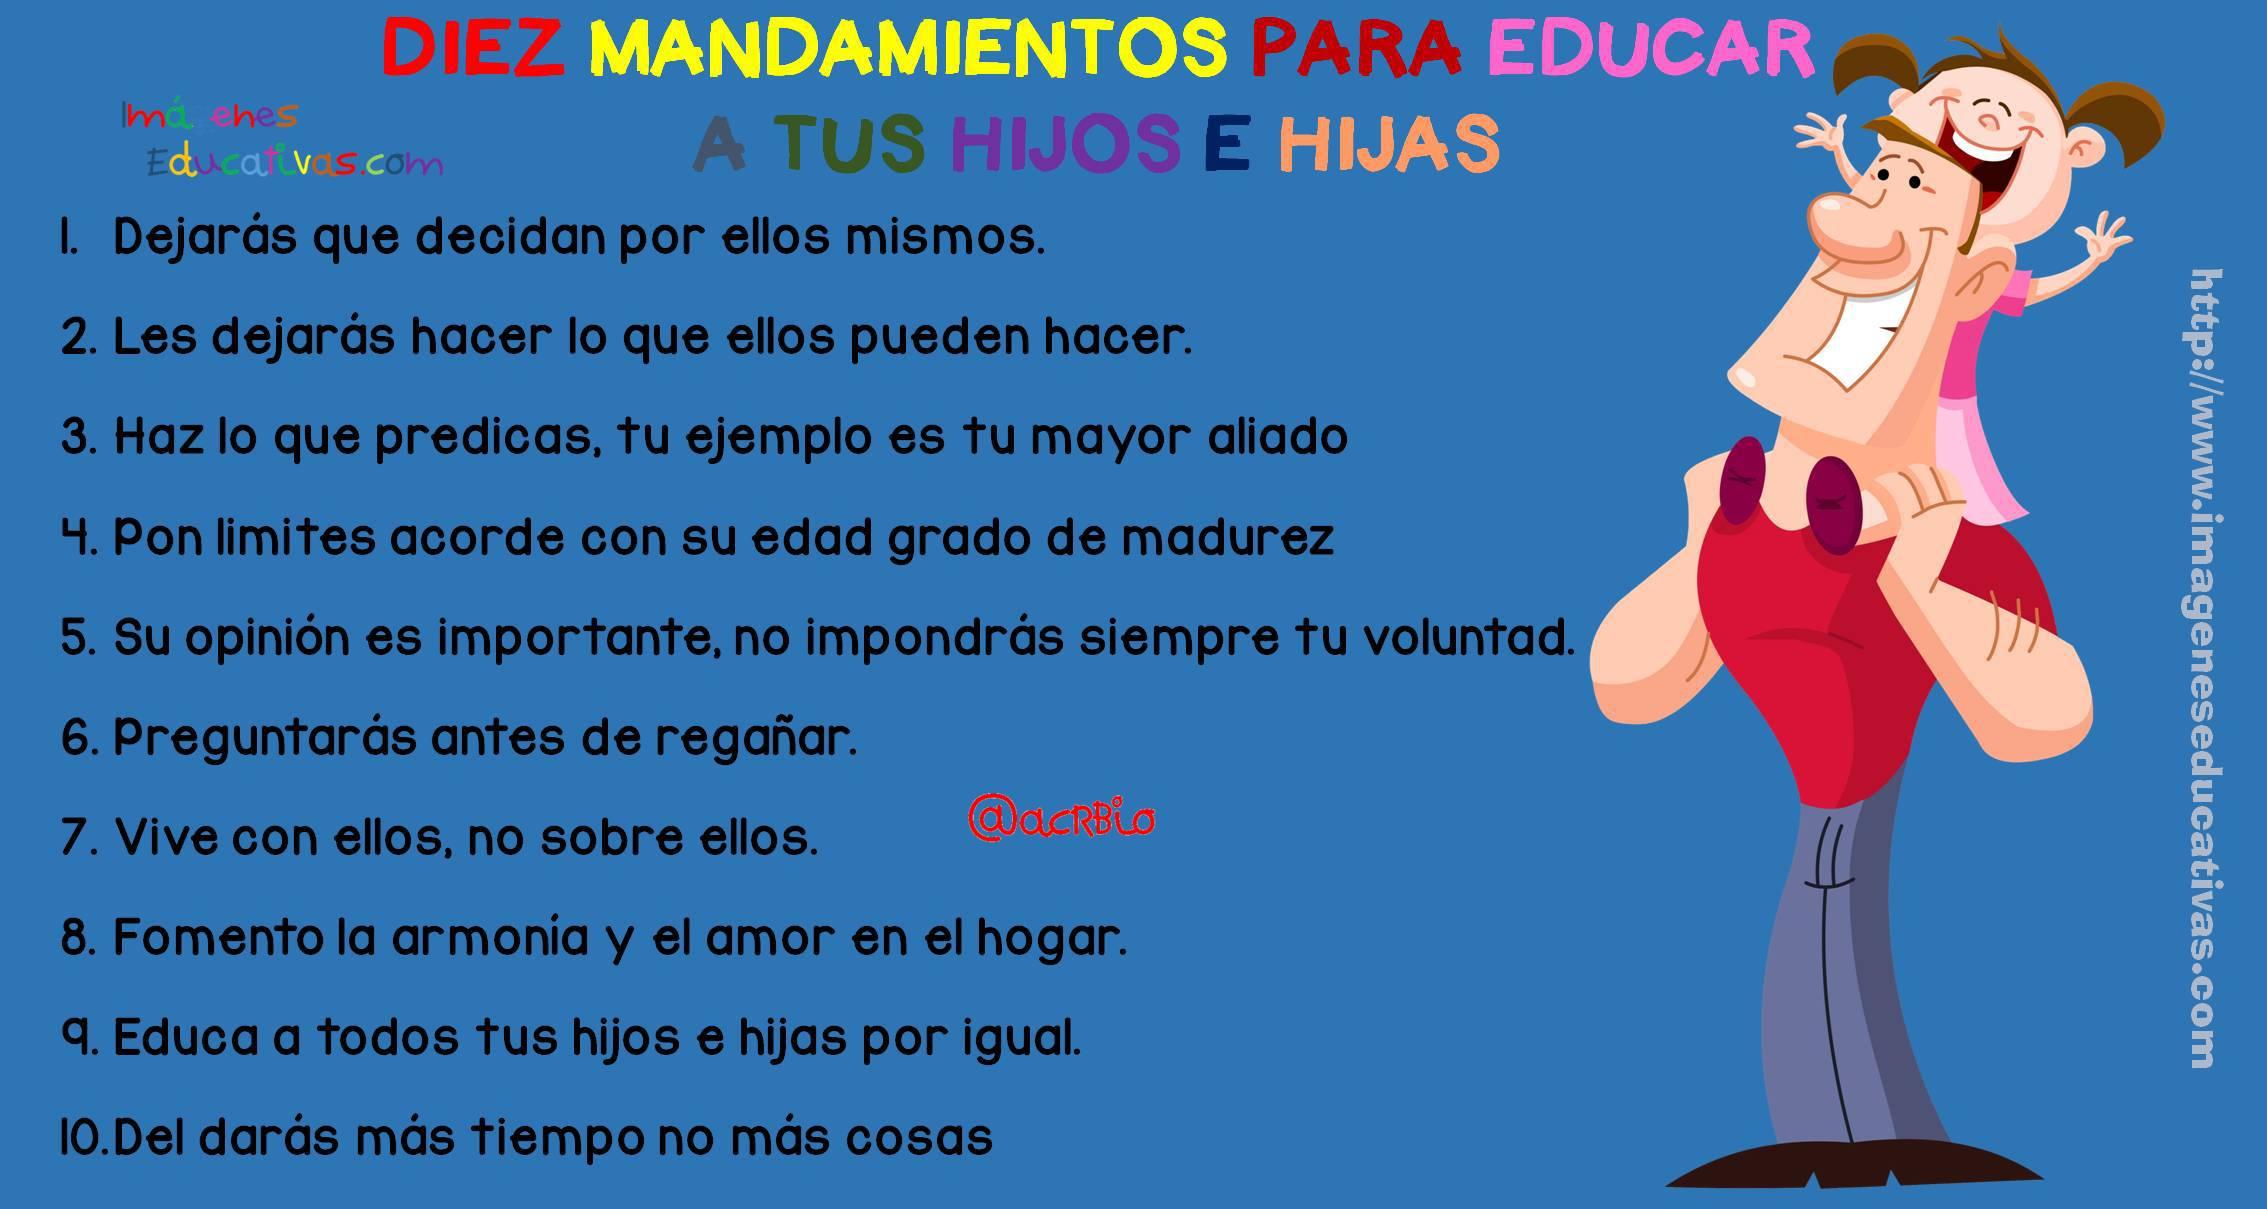 diez-mandamientos-para-educar-a-tus-hijos-e-hijas